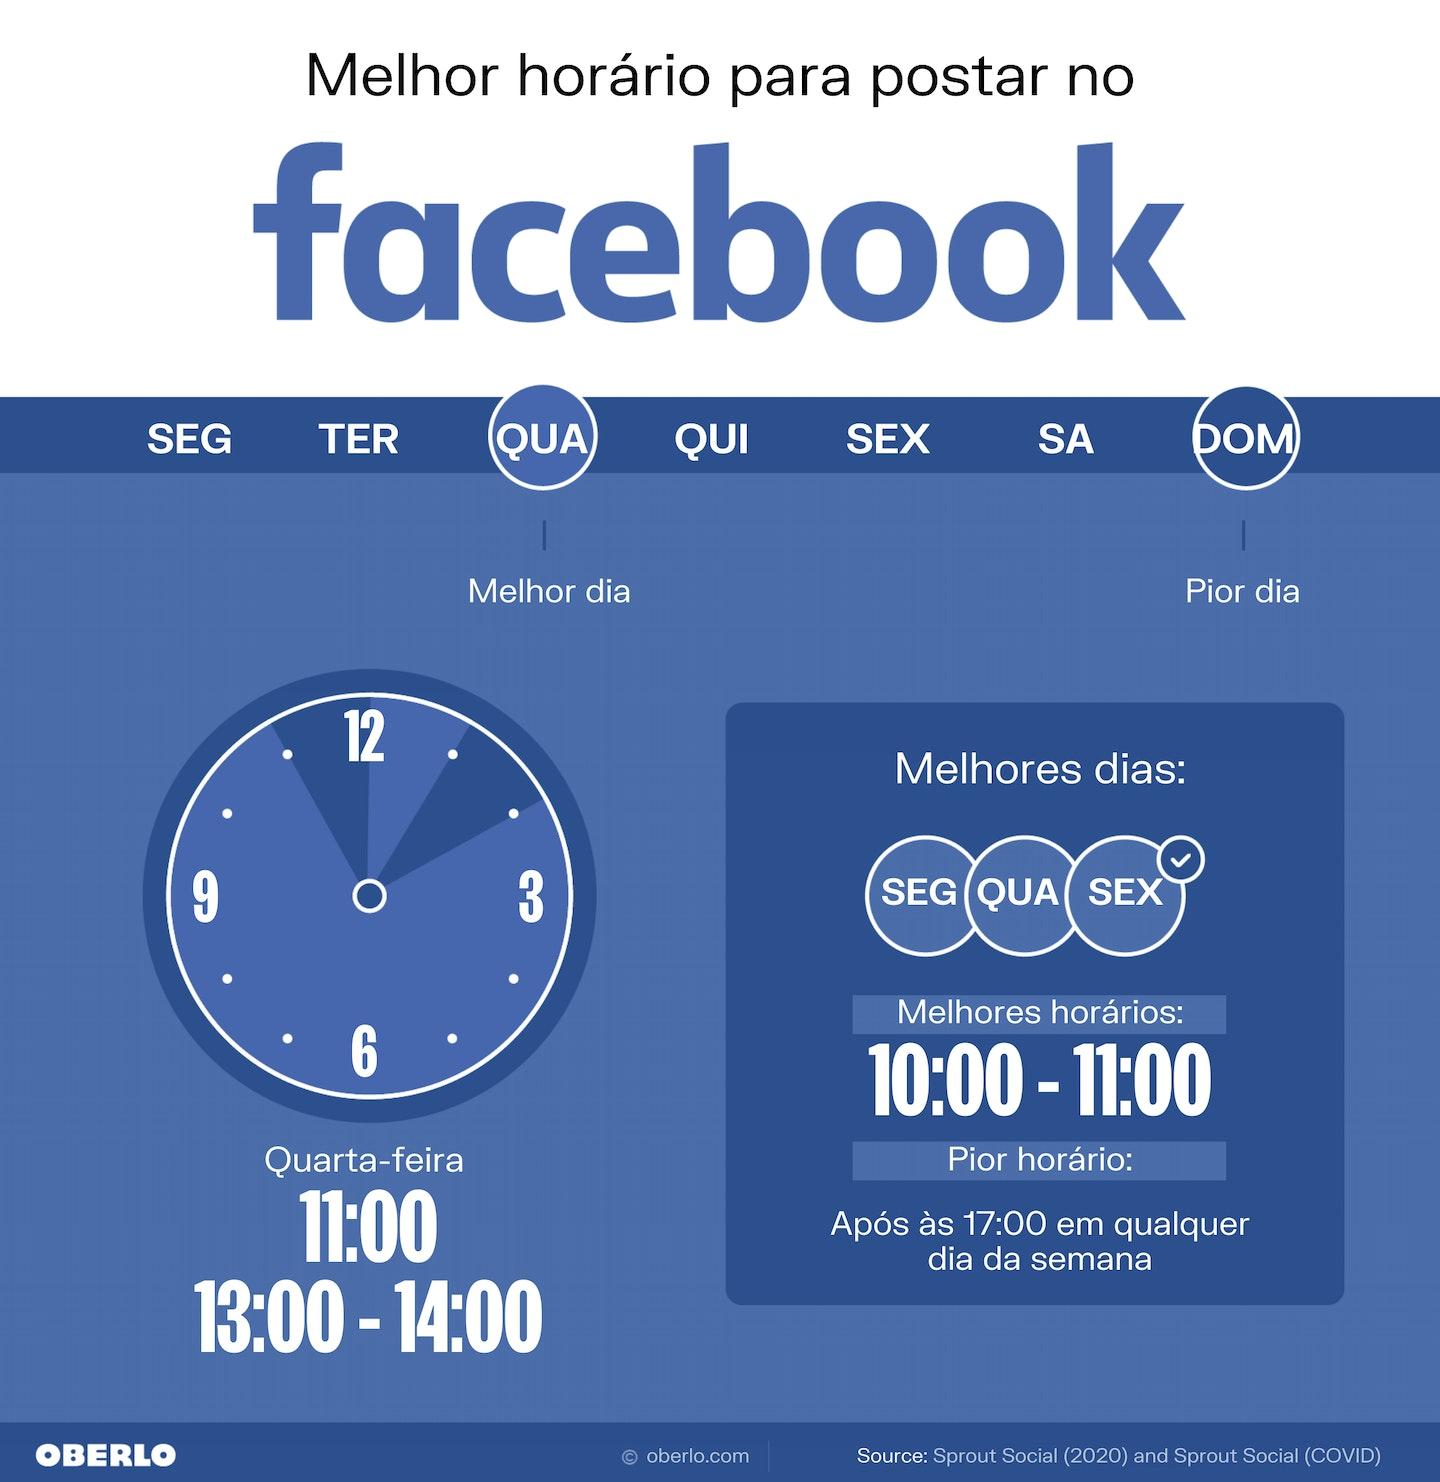 melhores horários para postar facebook